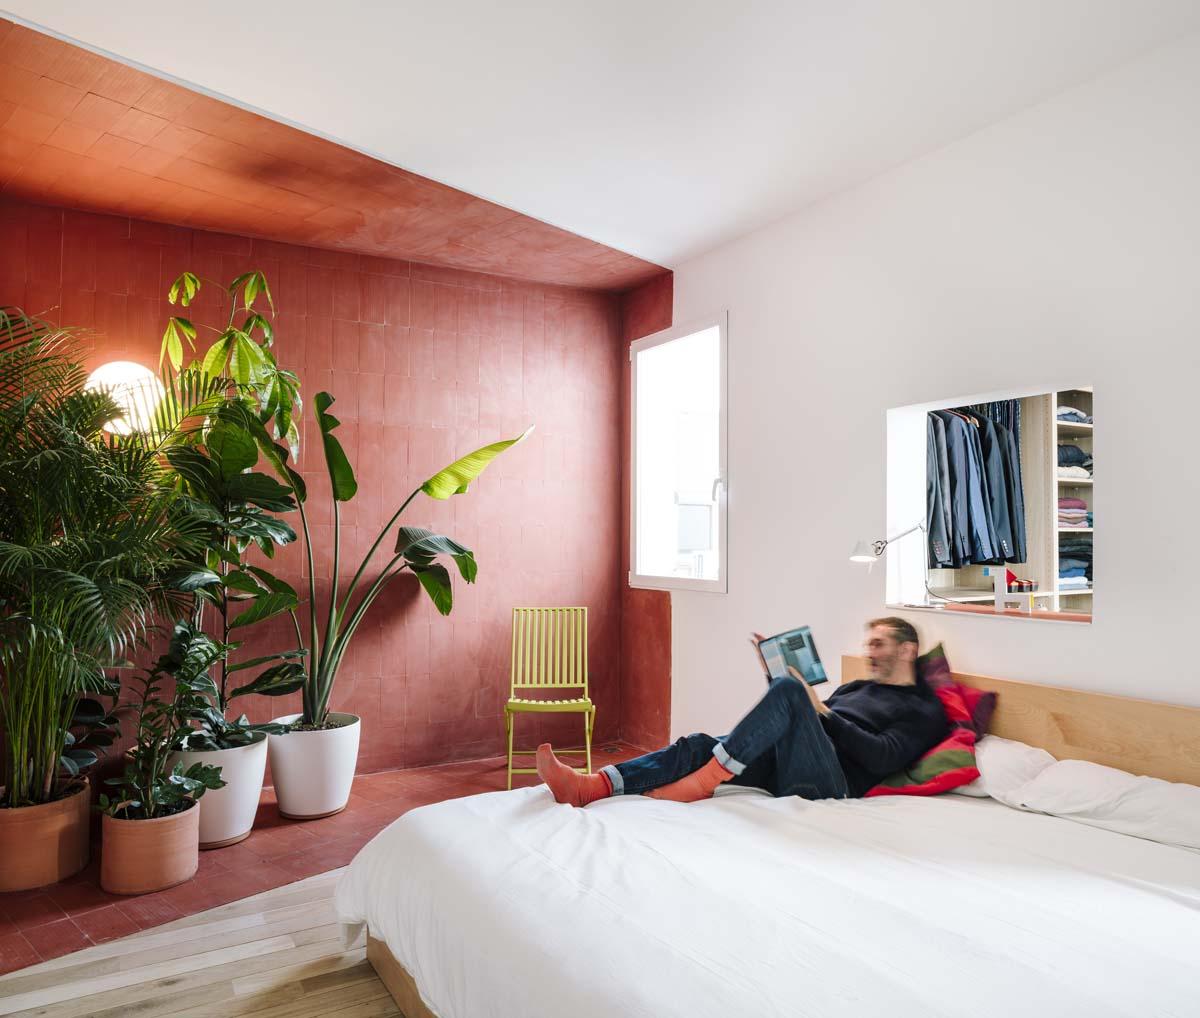 colori-pareti-camere-da-letto-appartamento-madrid-gon-ana-torres-foto-imagen-subliminal-09